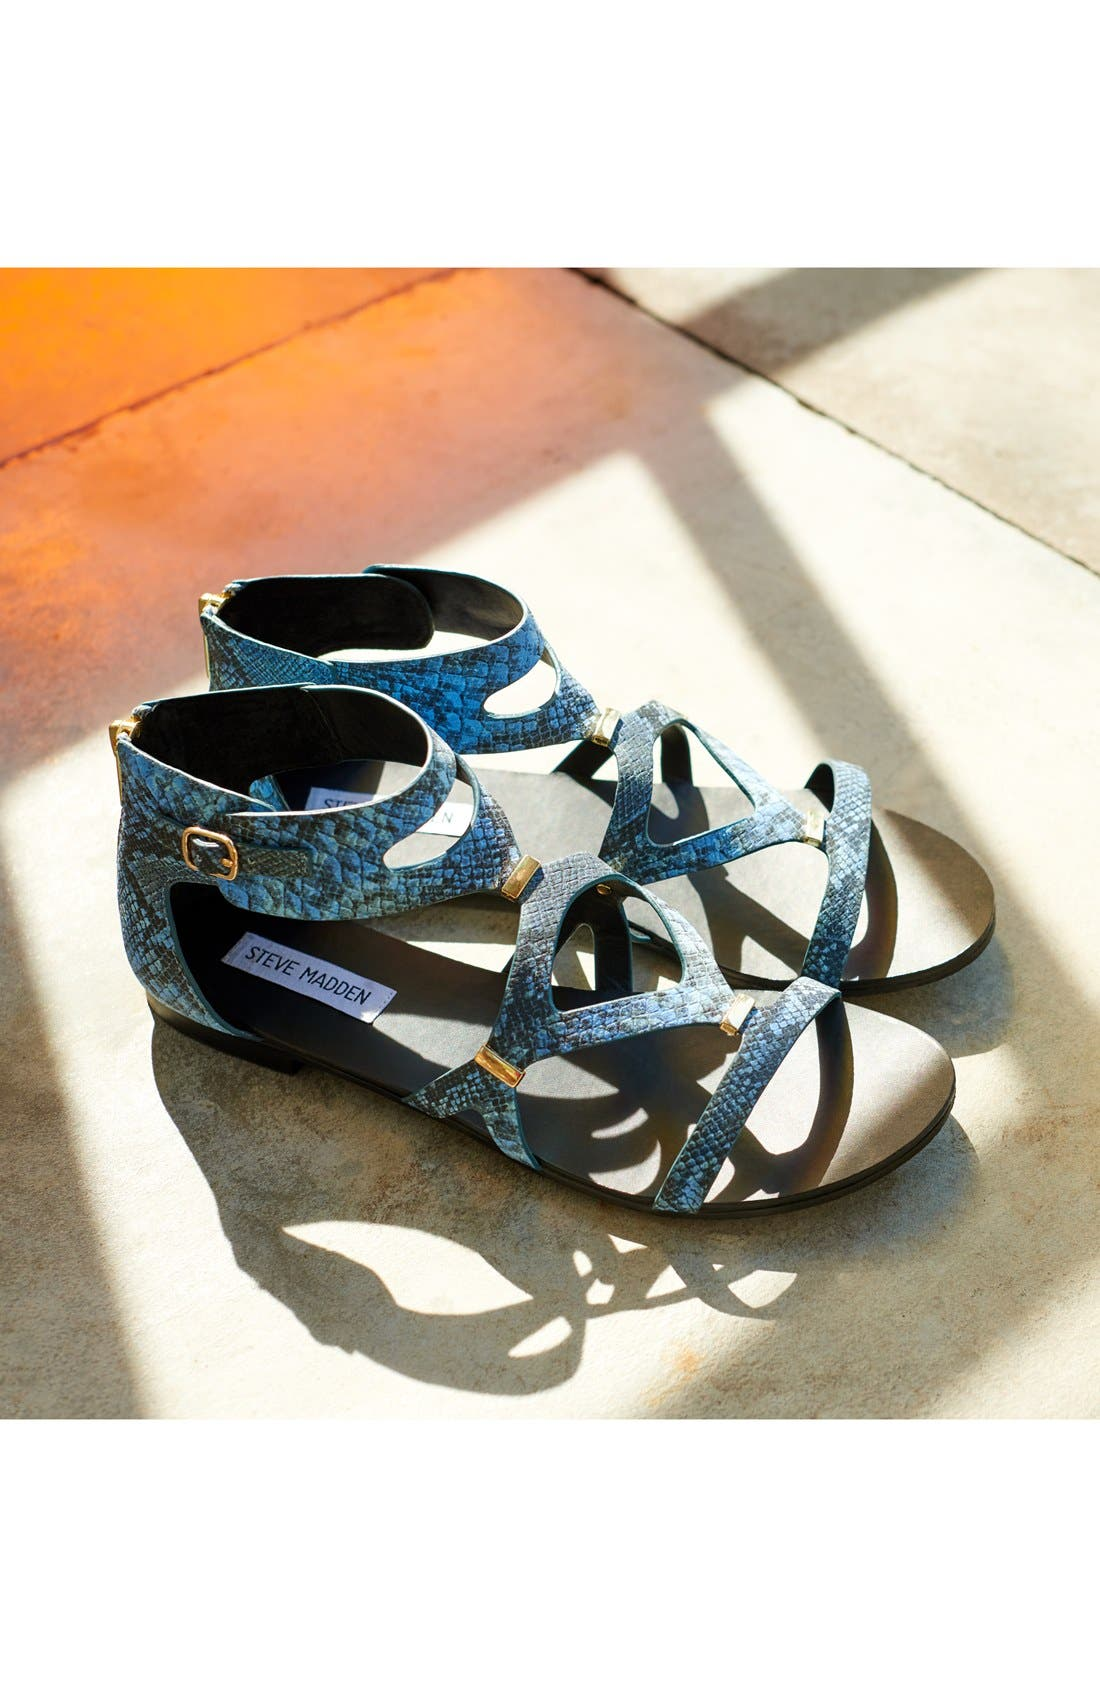 STEVE MADDEN, 'Comly' Gladiator Sandal, Main thumbnail 1, color, 100